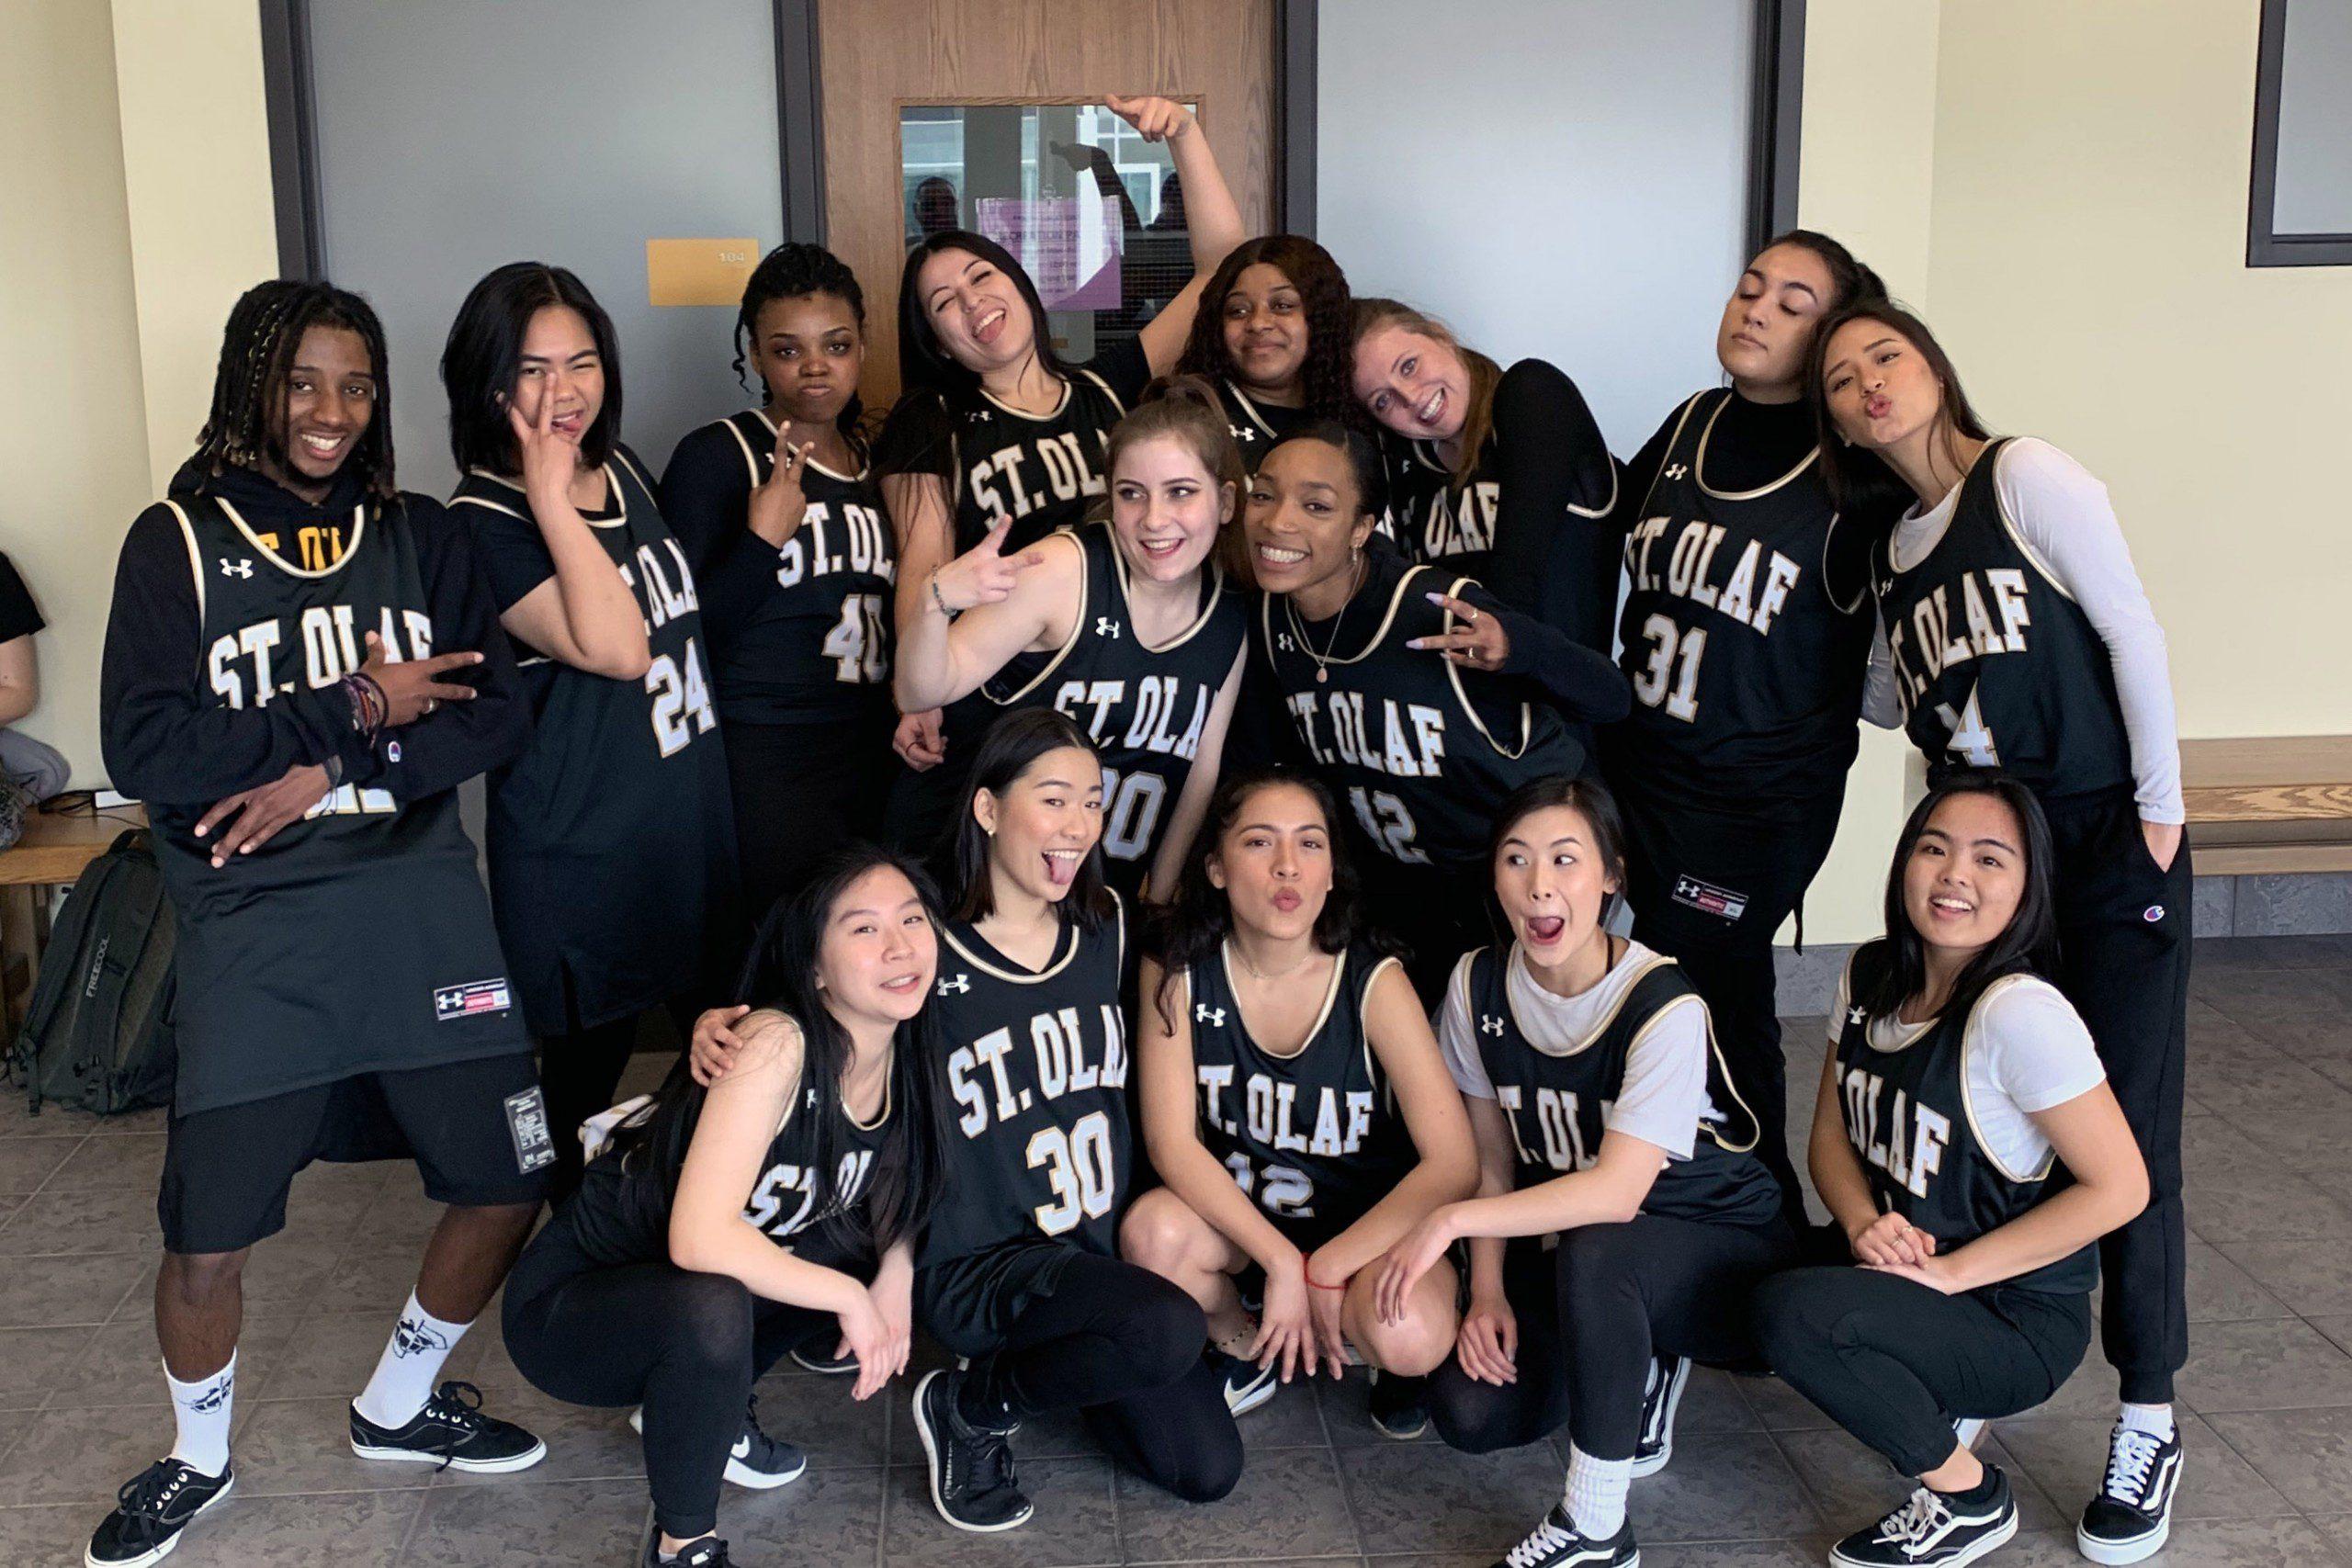 Portrait of M.I.X. members posing in basketball jerseys.